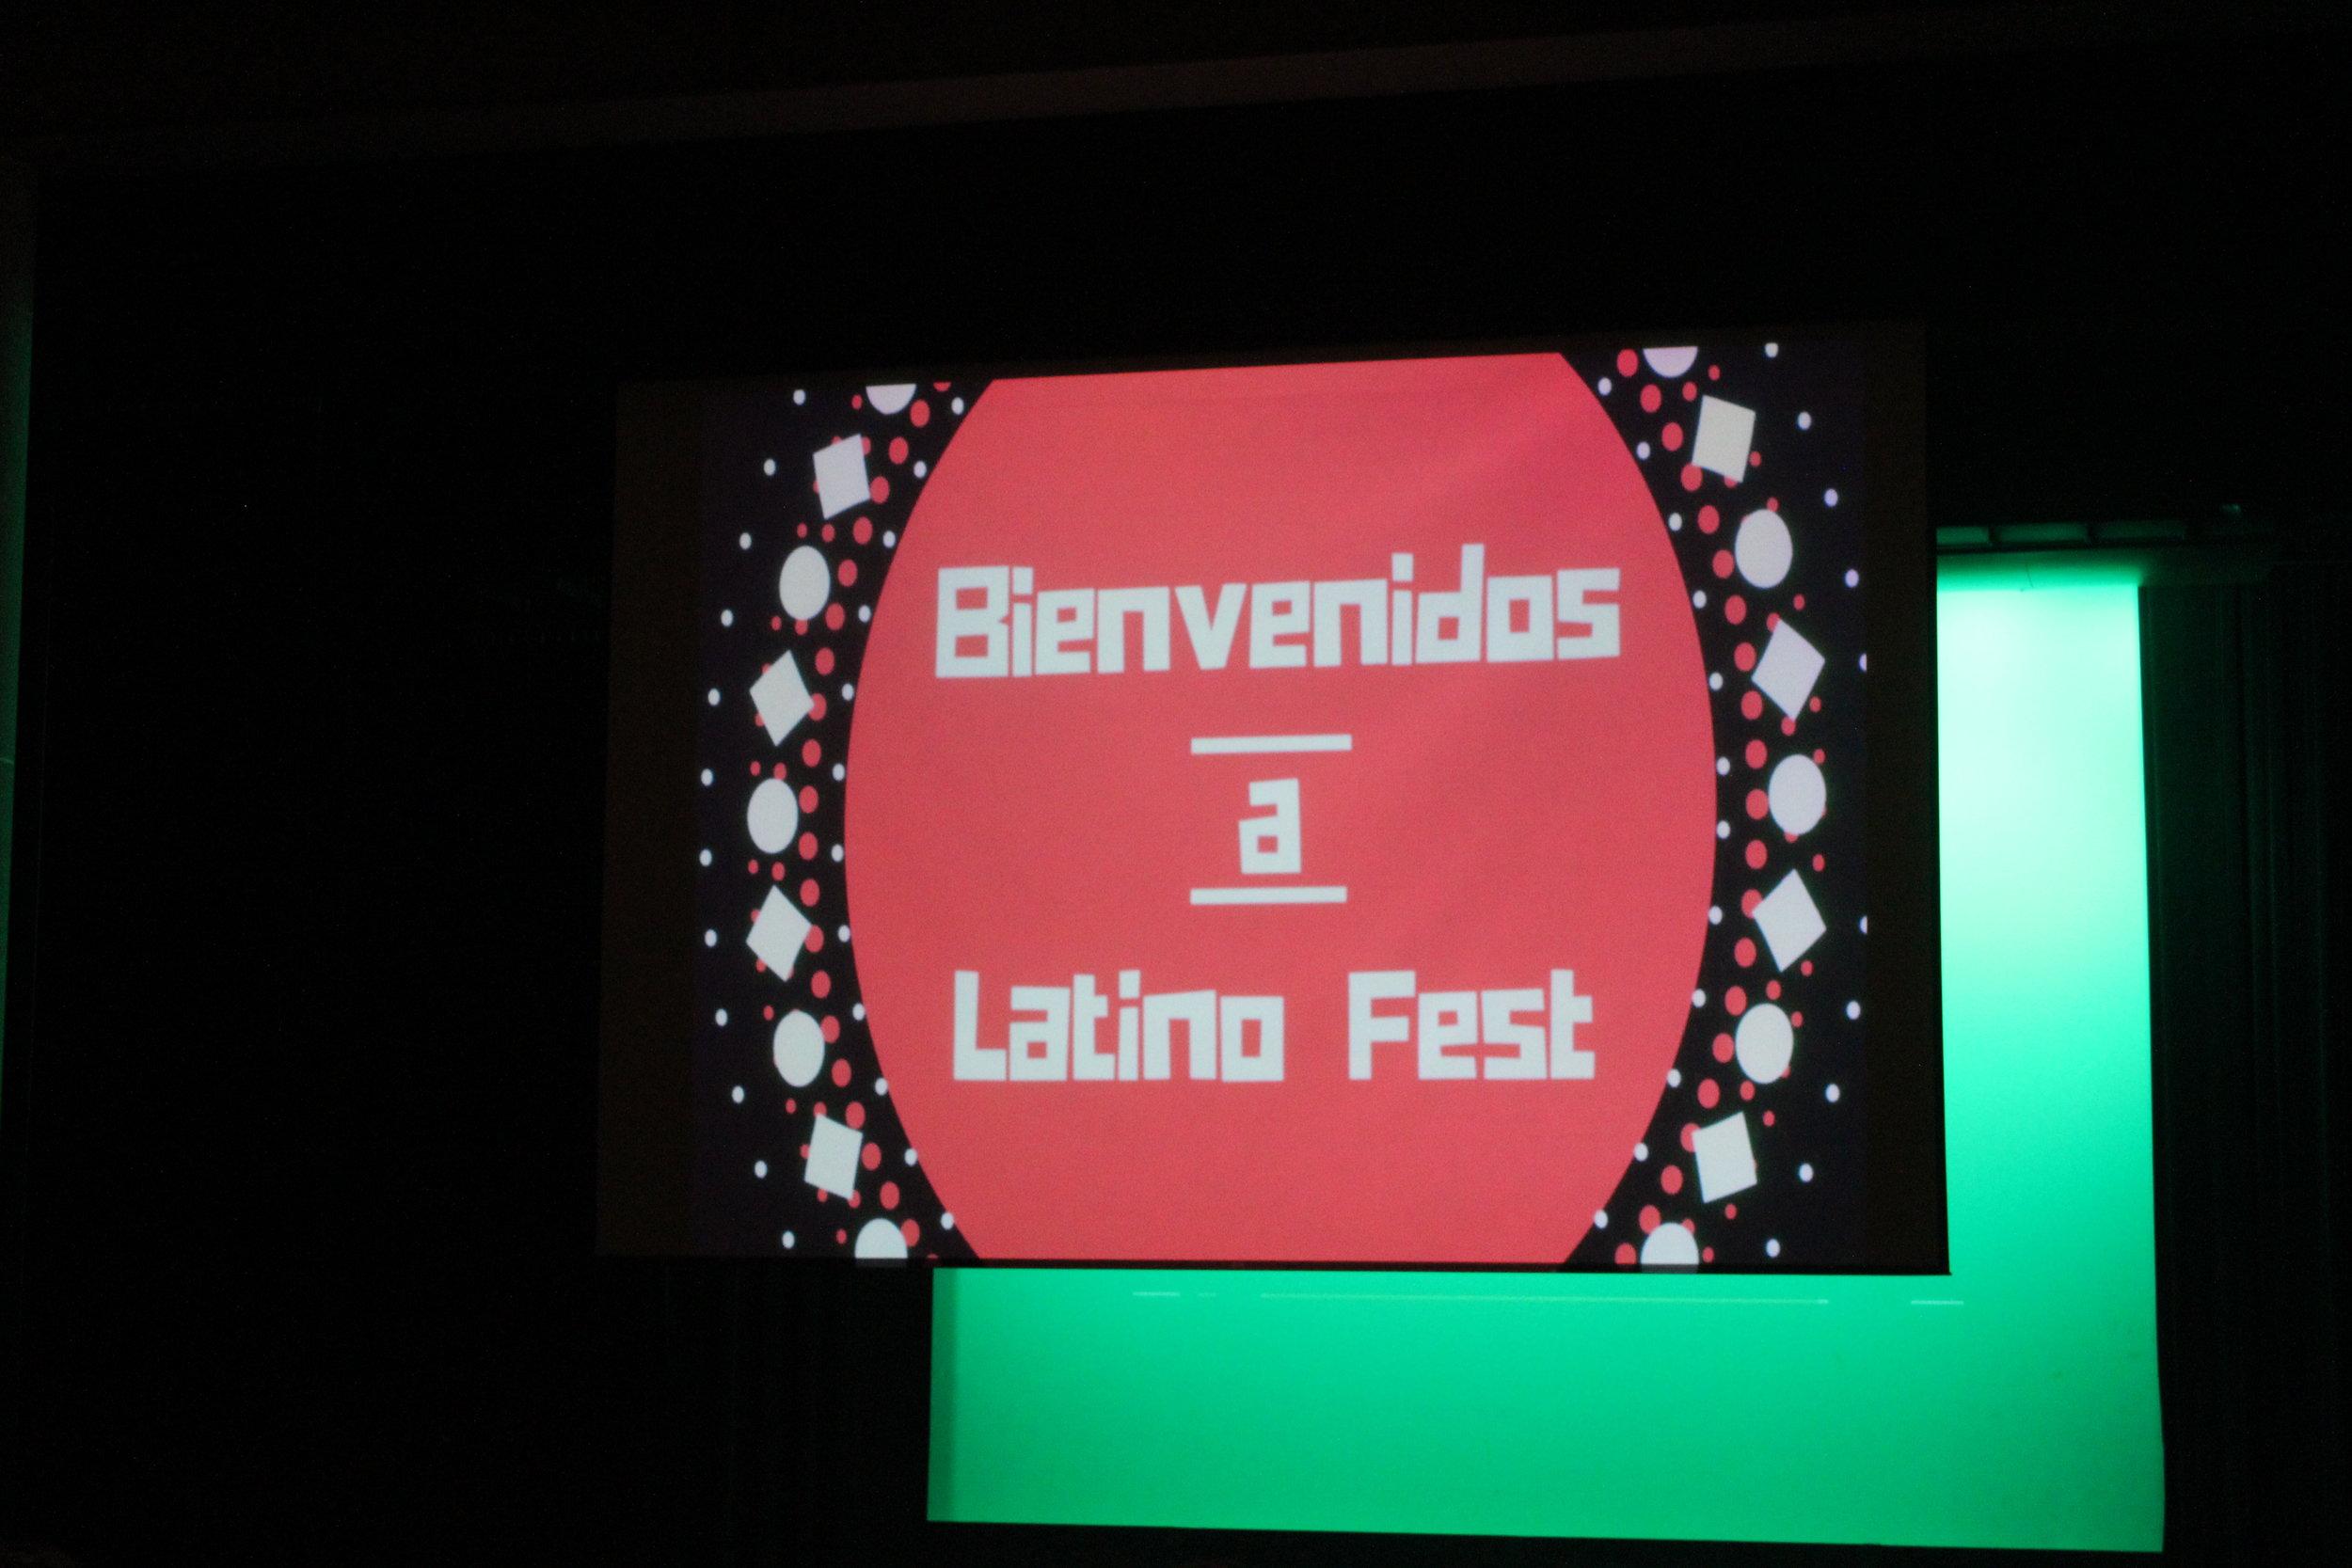 Bienvenidos a Latino Fest!